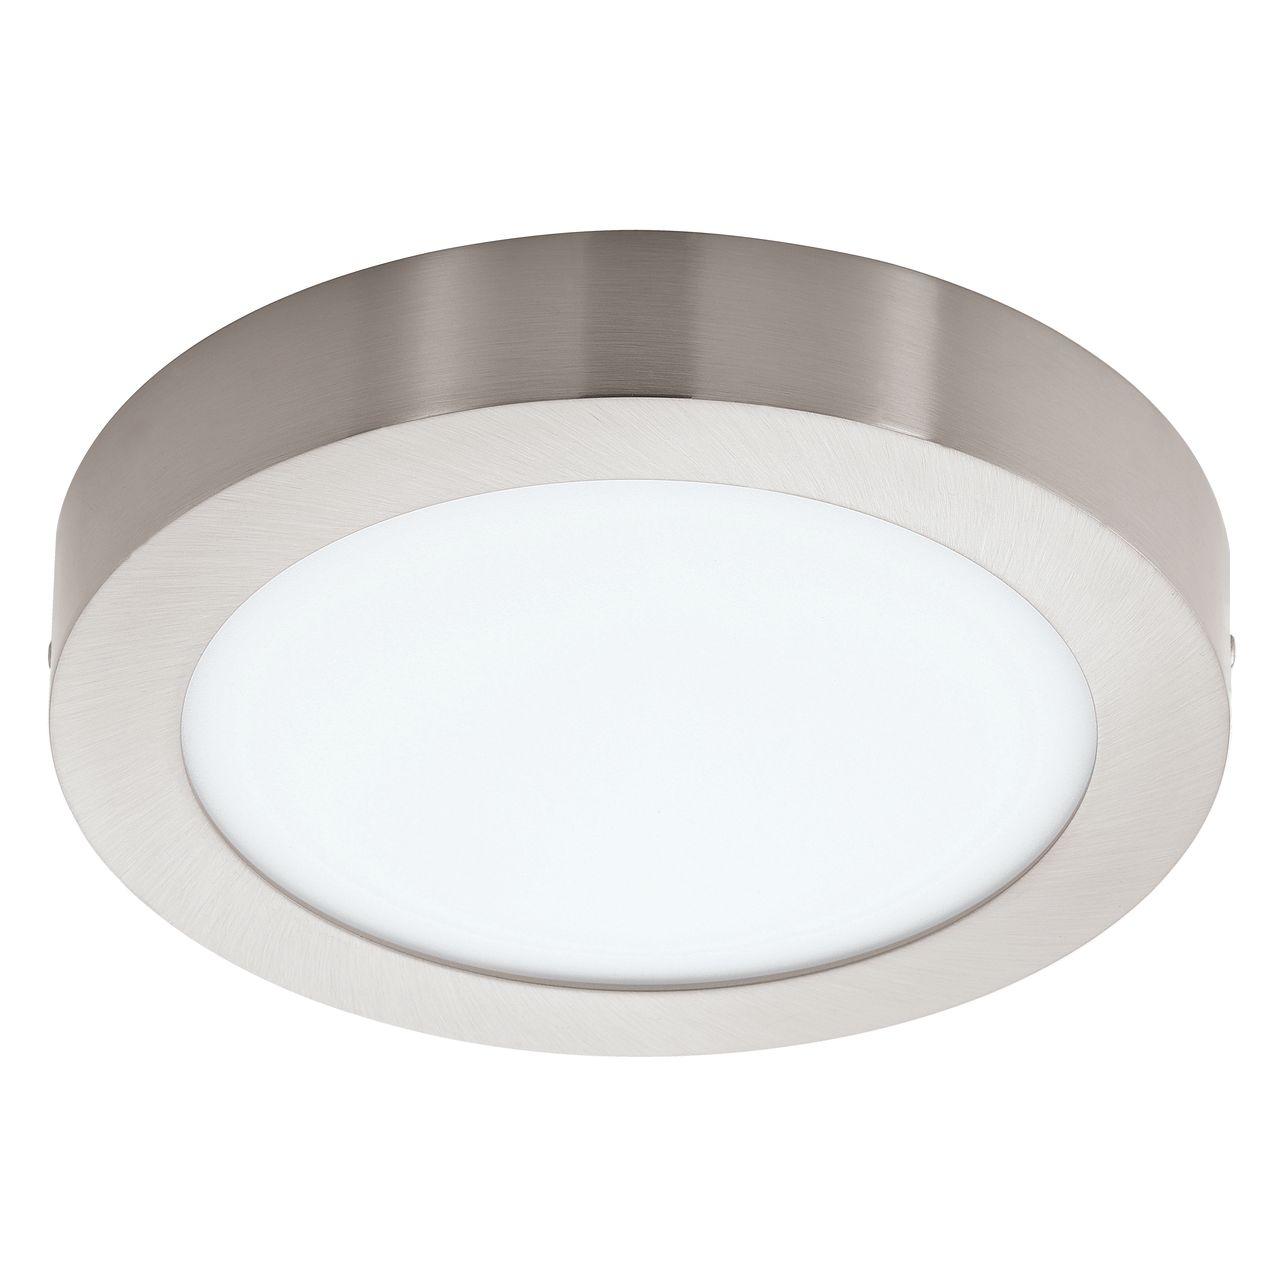 Потолочный светильник Eglo Fueva 1 94525 потолочный светильник eglo arenella 96653